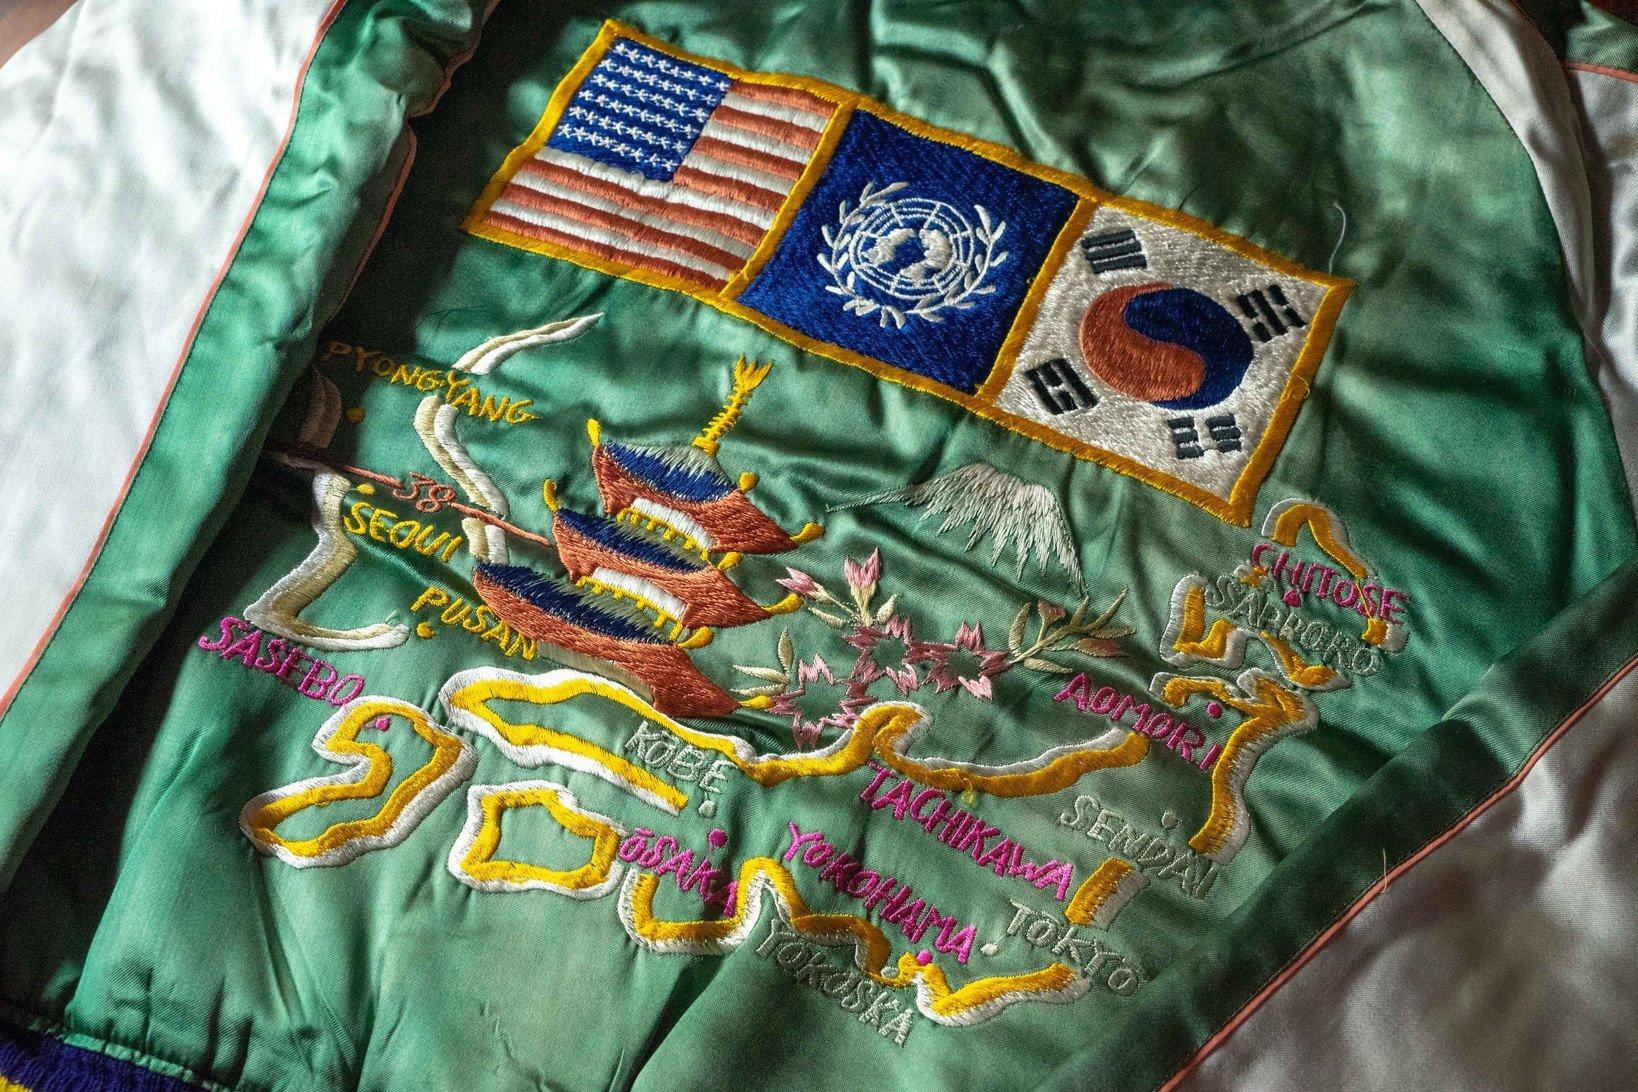 左上の朝鮮半島に注目してほしい。こちらのジャケットには北緯38度線が引かれている。